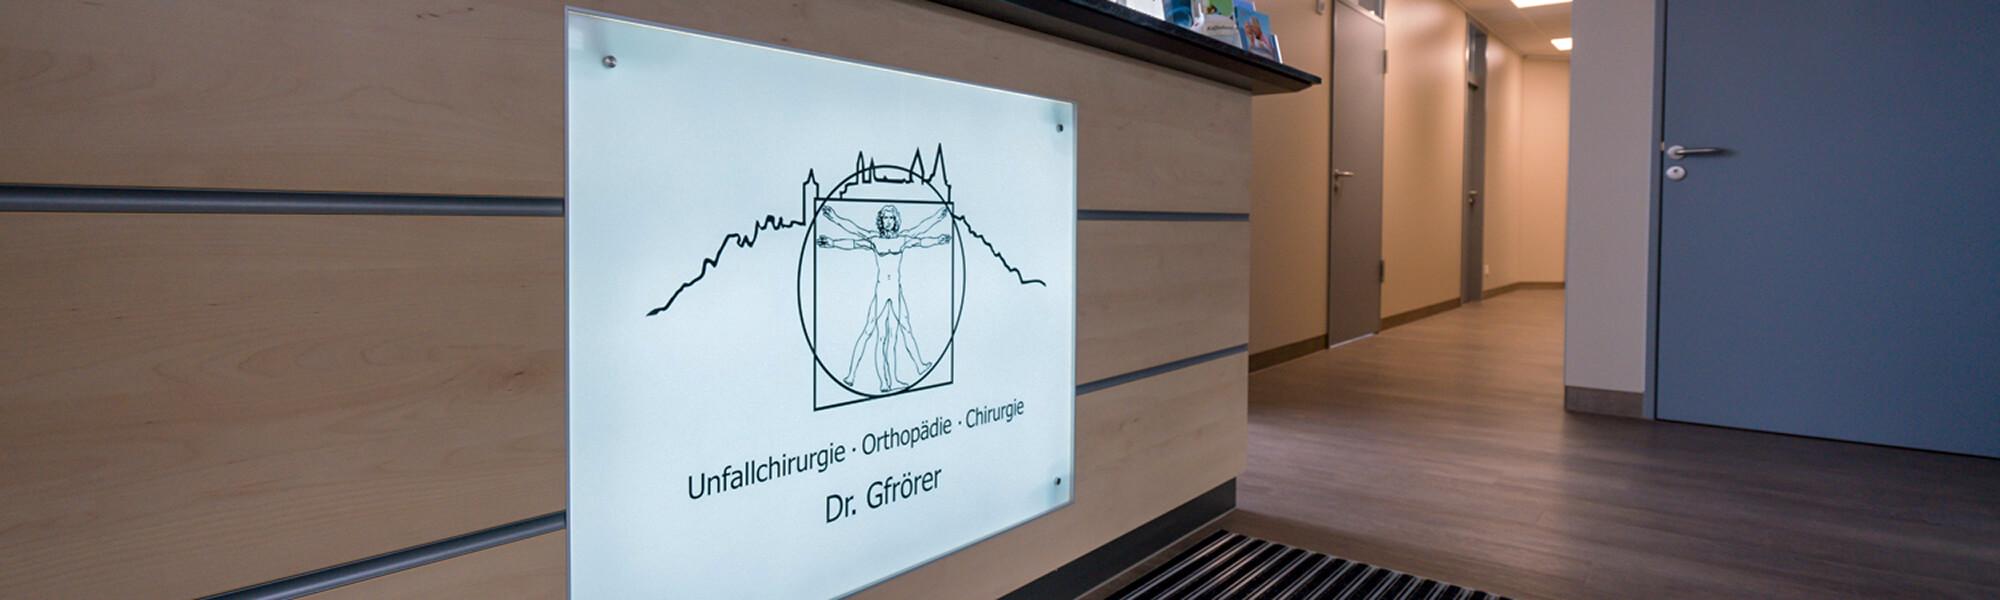 Unfallchirurg & Orthopäde Hechingen - Gfrörer - unsere Praxis am Obertorplatz